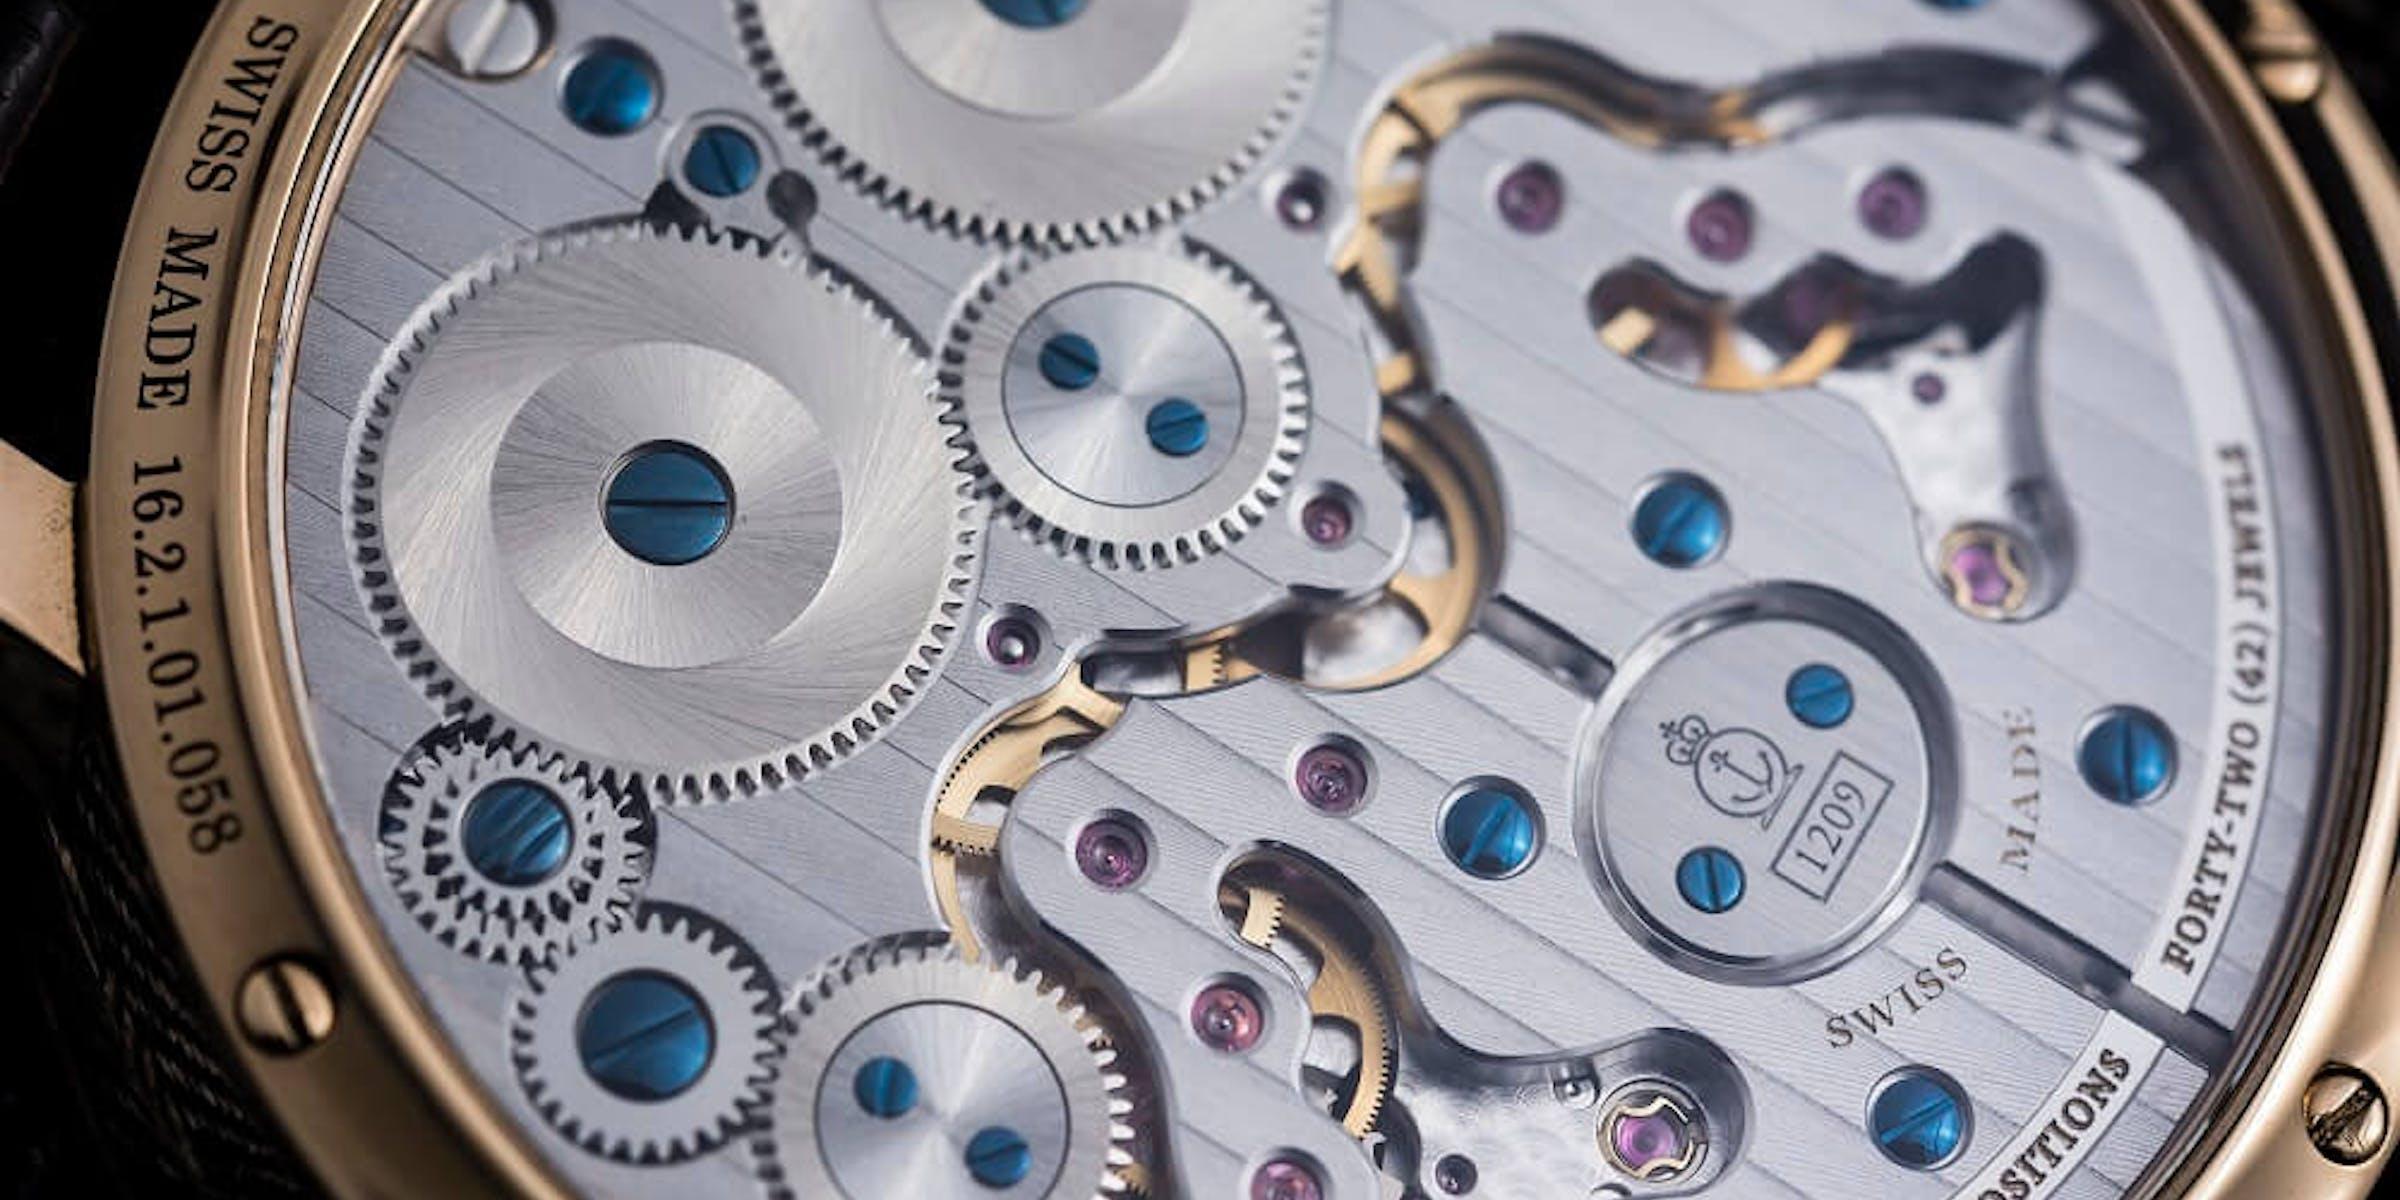 handwound watch movement